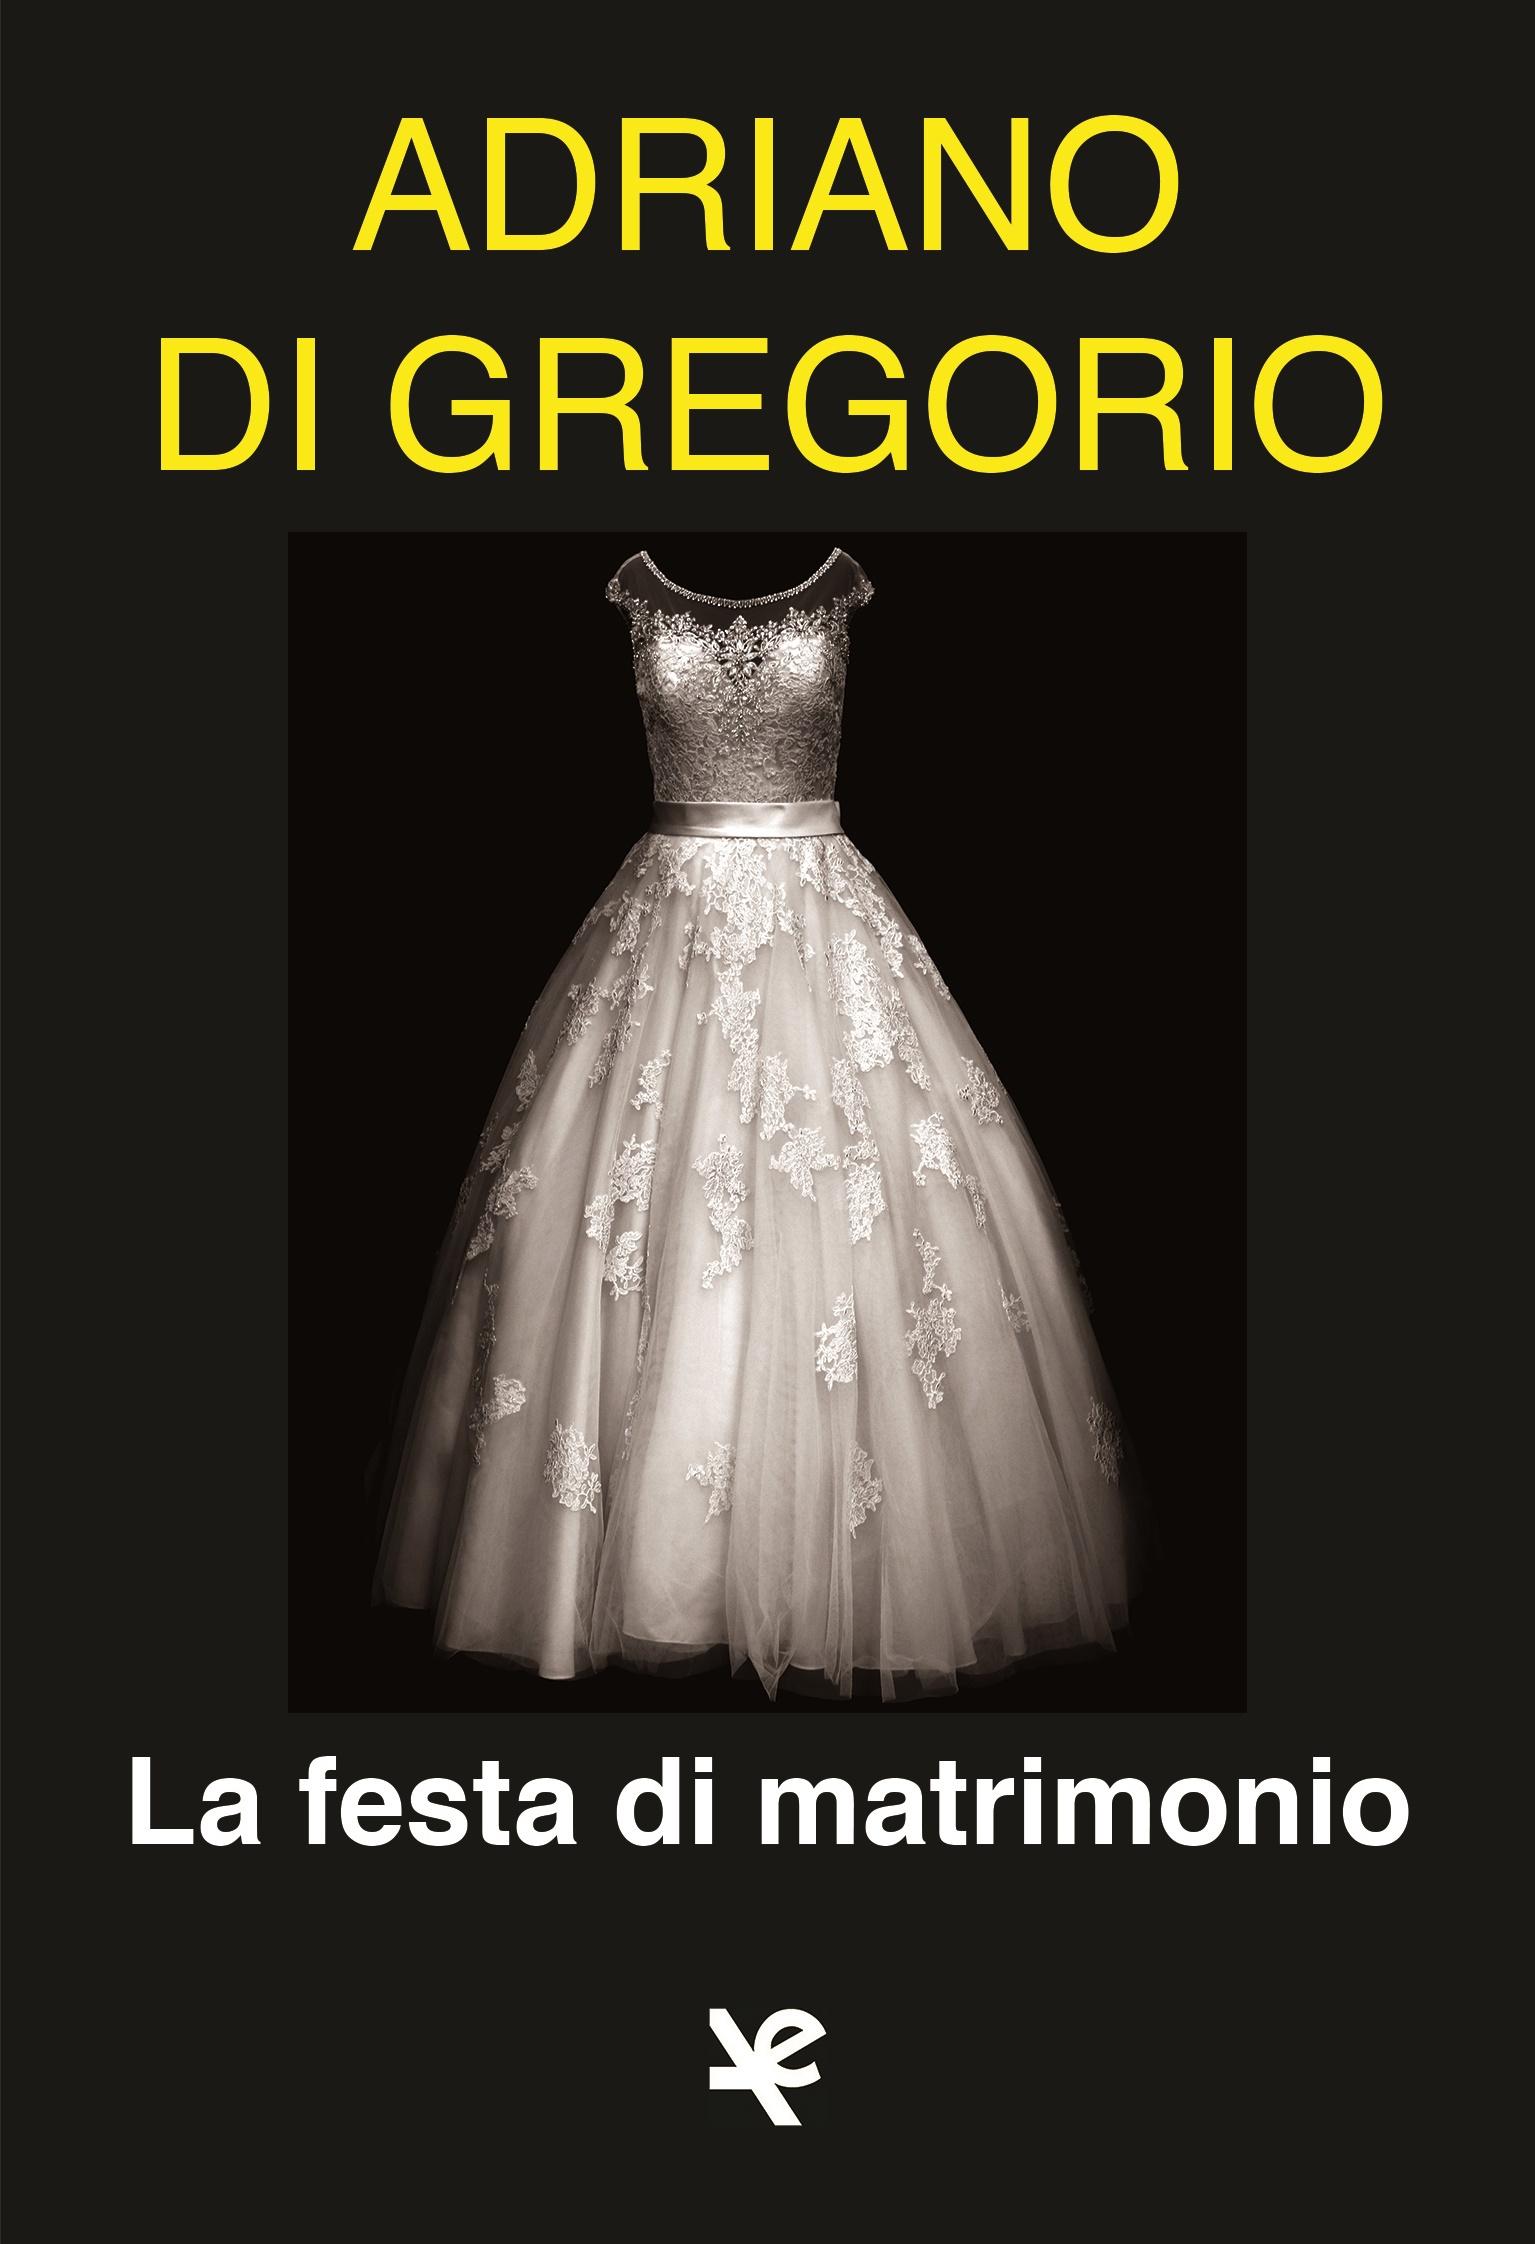 theWise incontra: Adriano Di Gregorio, autore del romanzo La festa di matrimonio